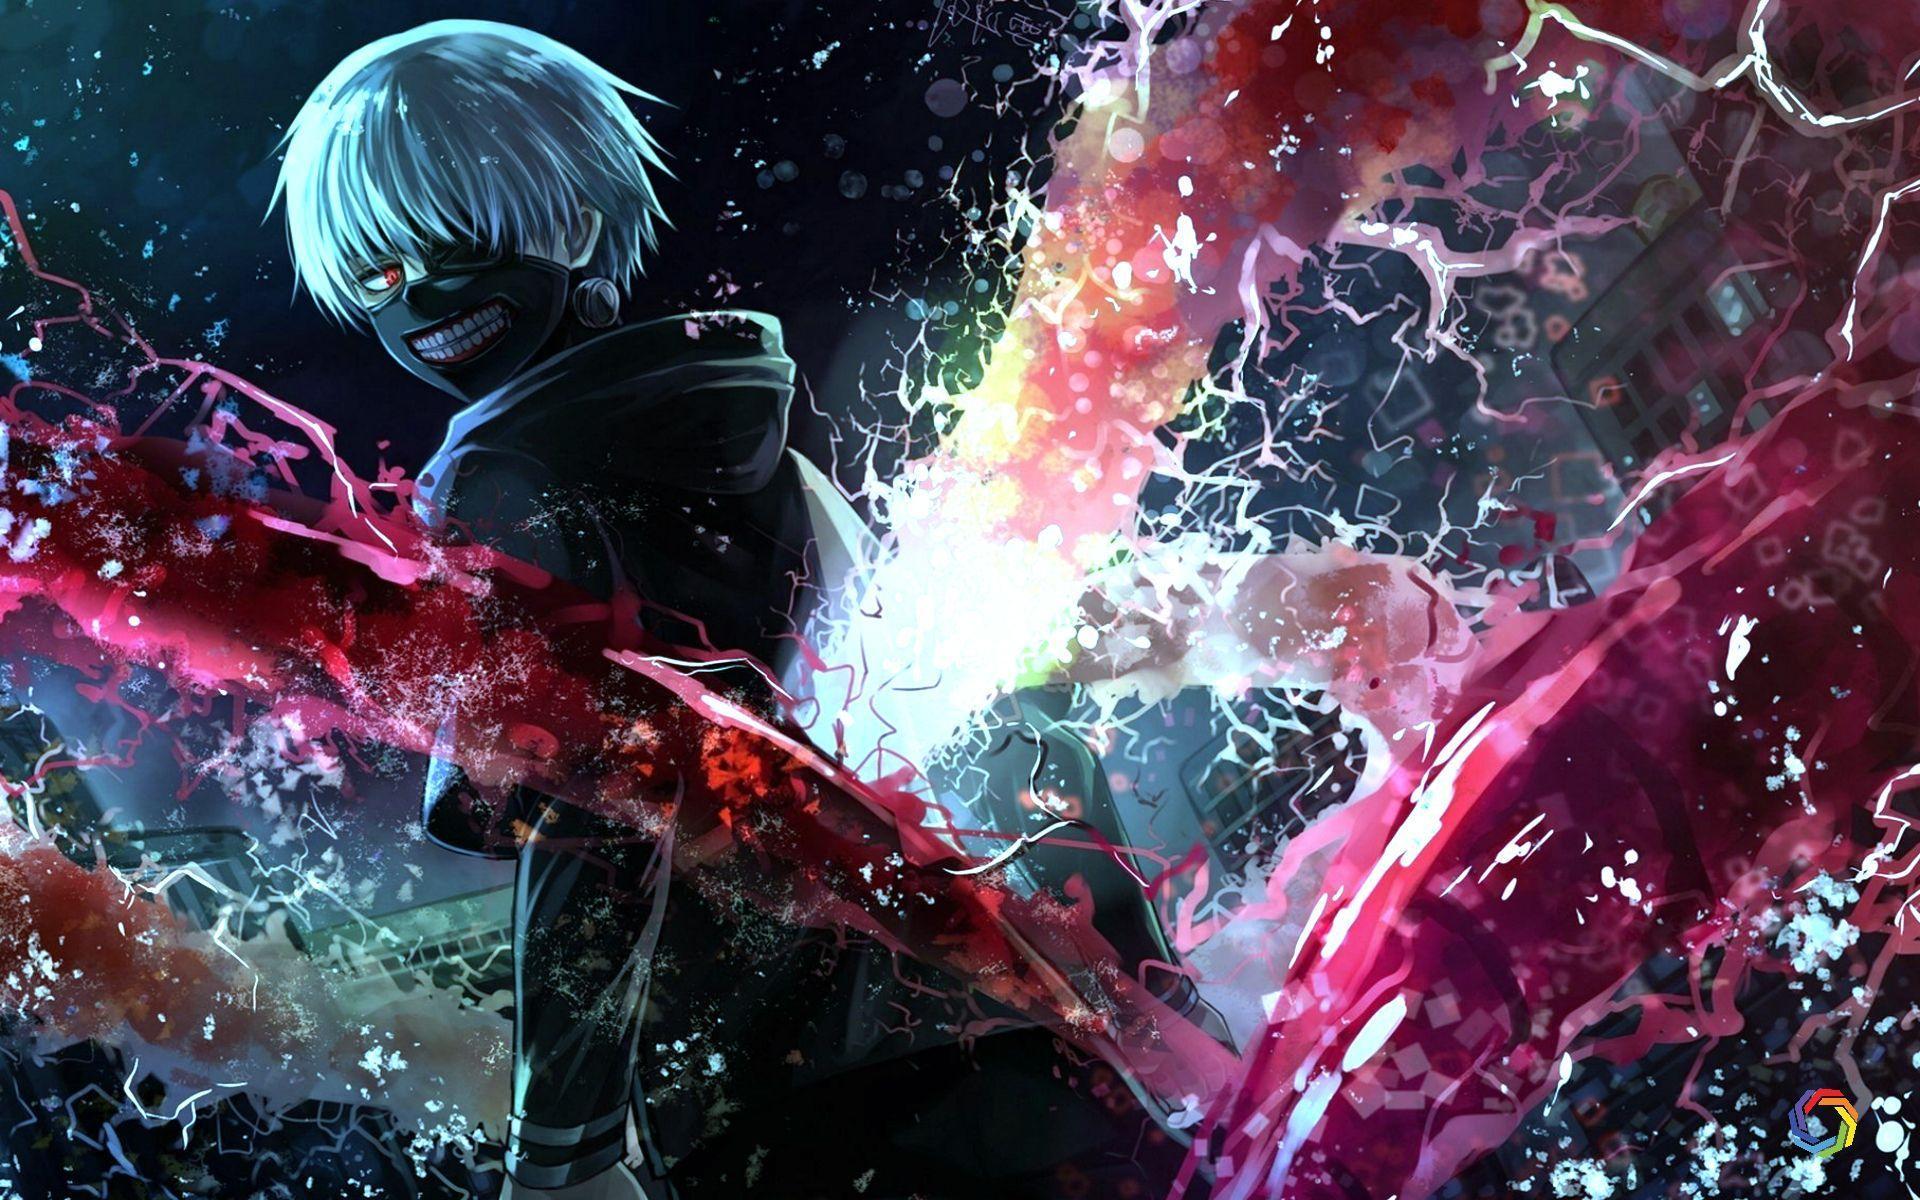 Desktop Anime Wallpaper Hd Widescreen